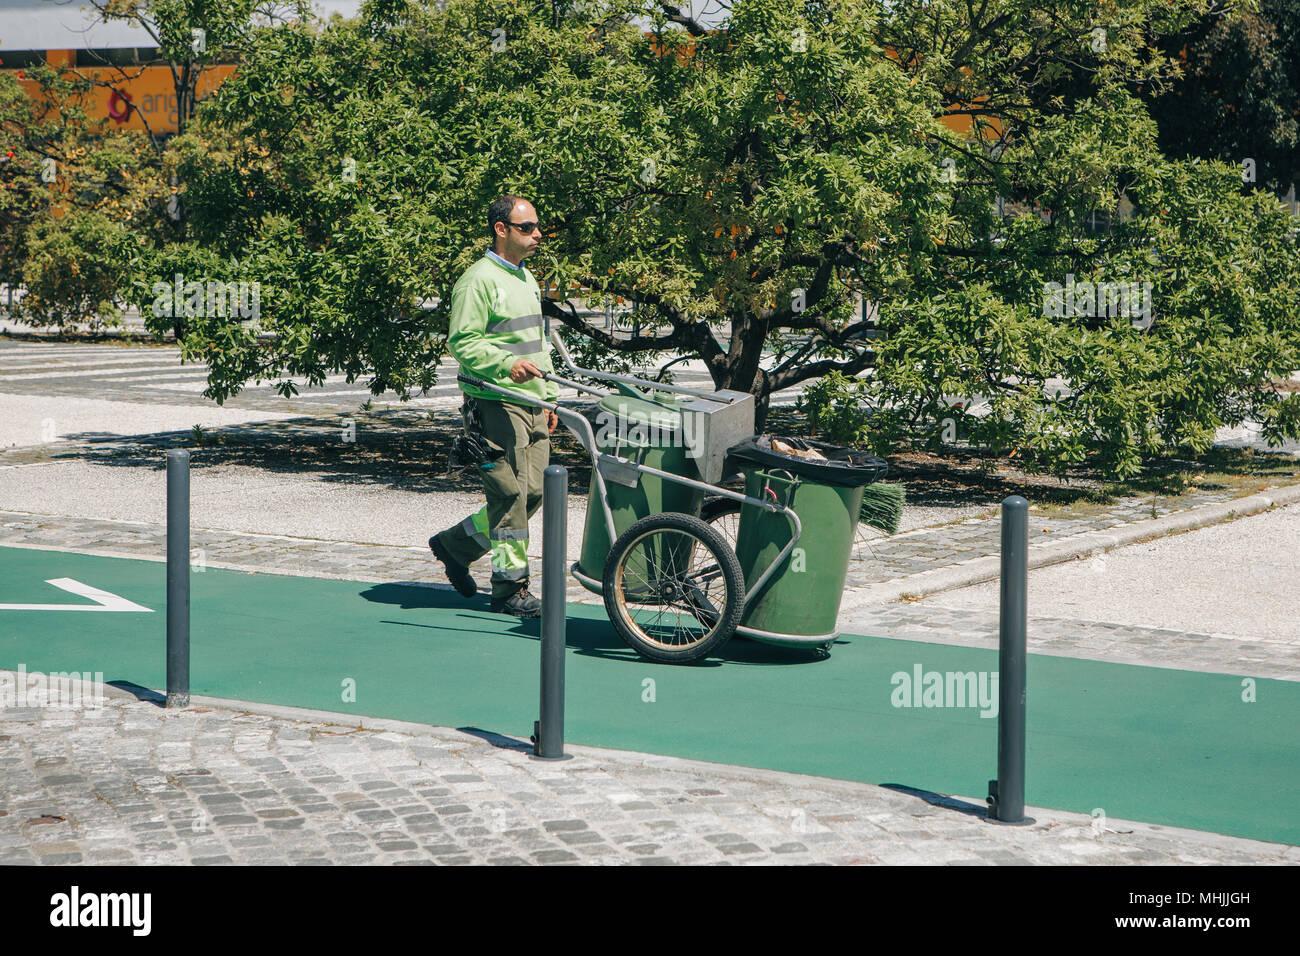 Lissabon, den 25. April 2018: Eine professionelle Reinigungsmittel arbeitet auf einer Straße der Stadt. Reinigung und Pflege von ökologischen Wohlergehen. Stockbild